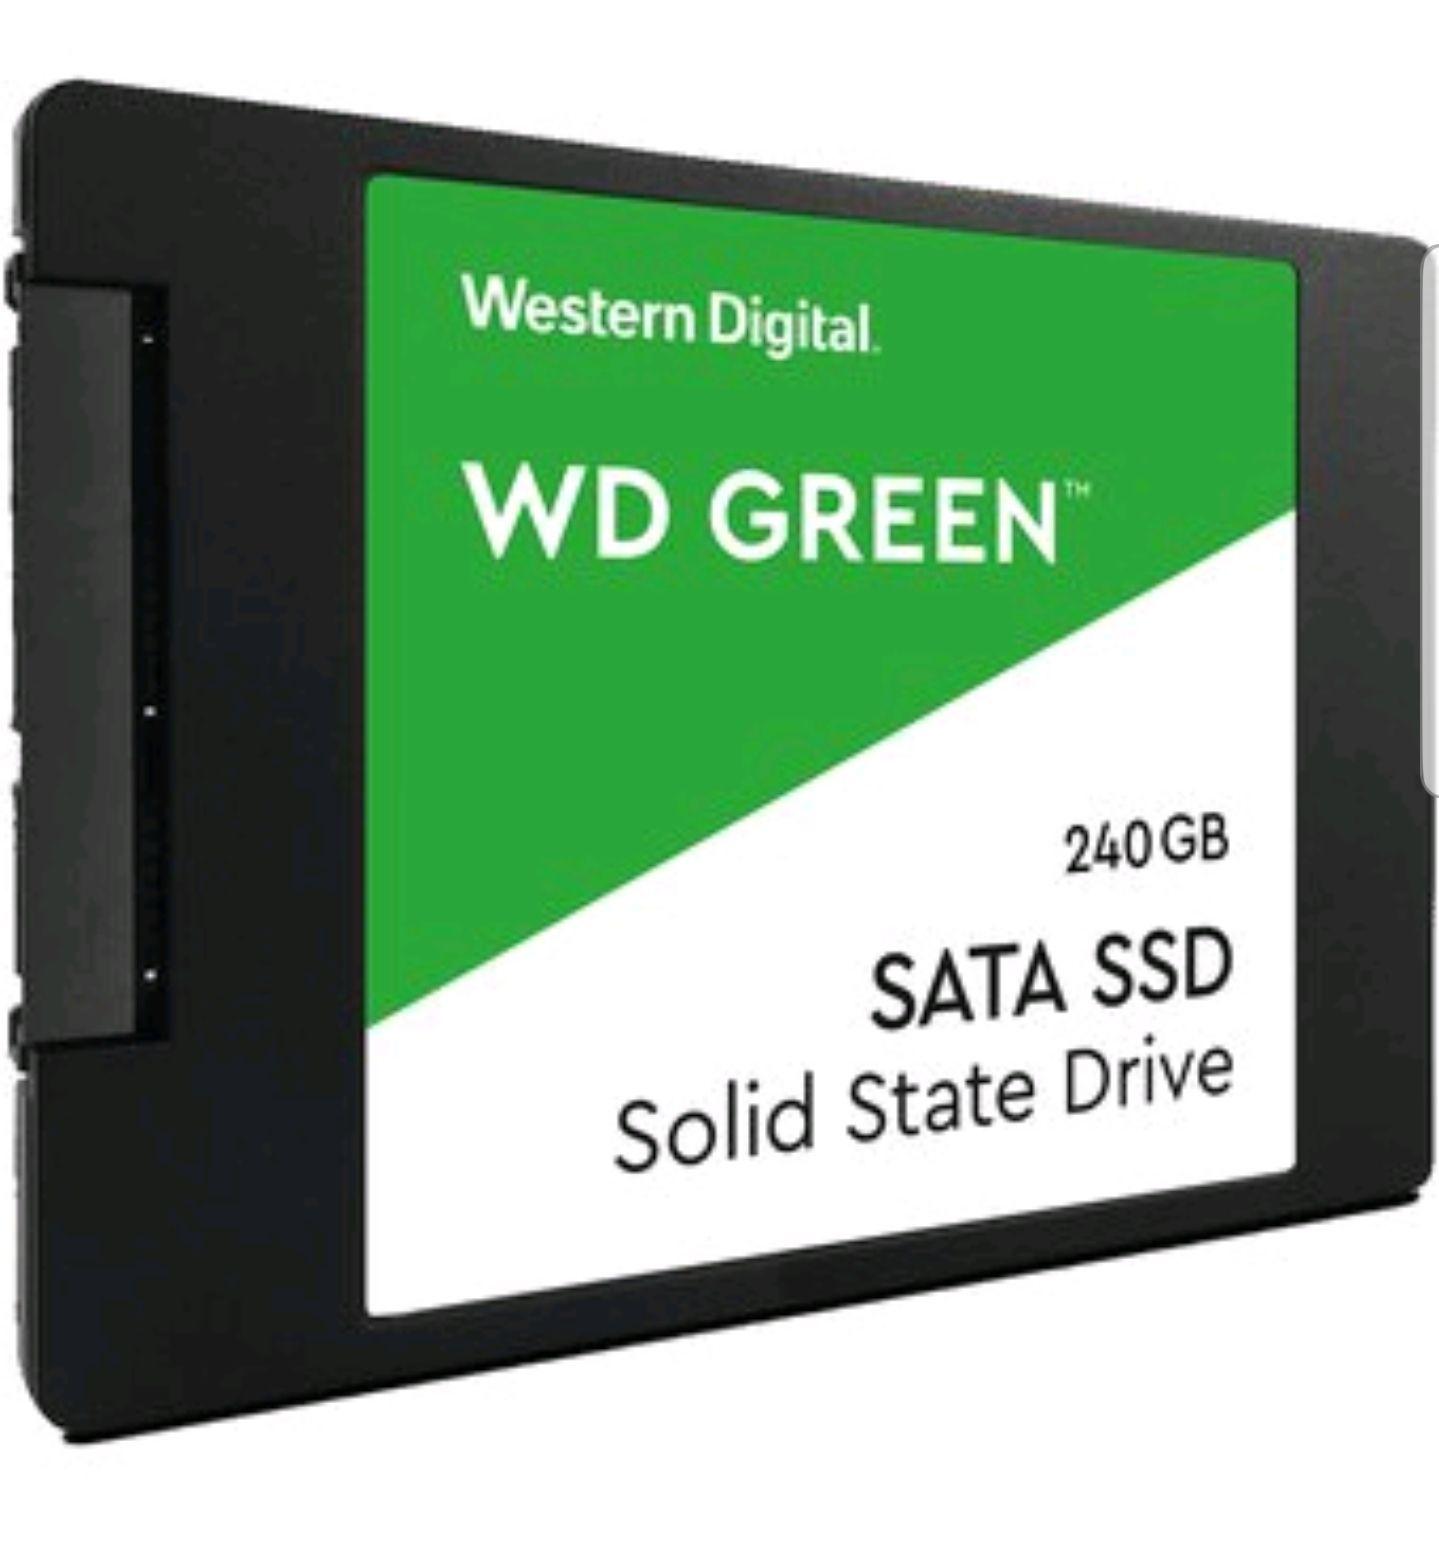 Linio: SSD Western Digital Green PC Memoria 240 GB con PayPal